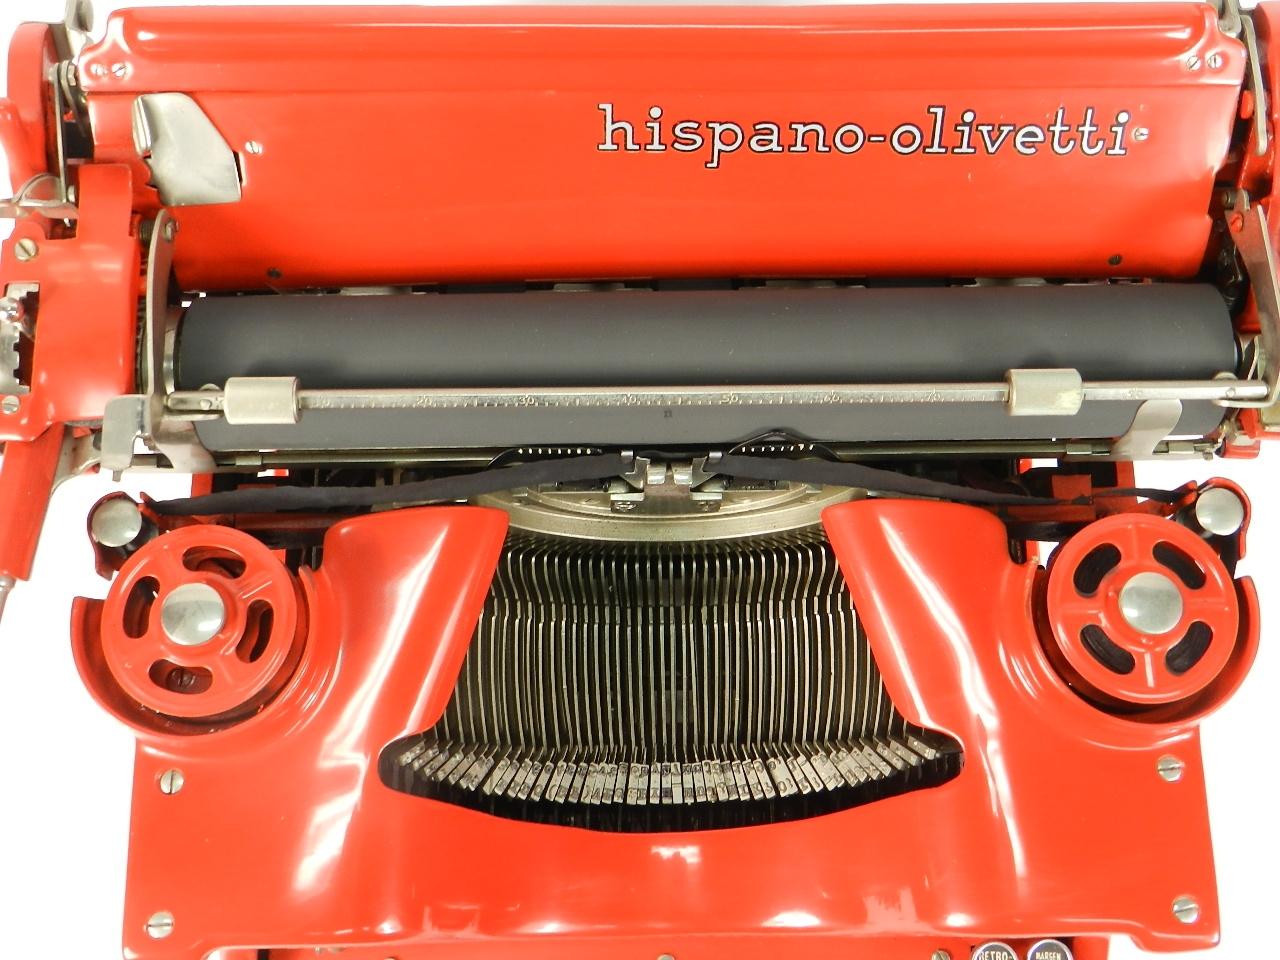 Imagen HISPANO OLIVETTI M40 COLOR ROJO 40451